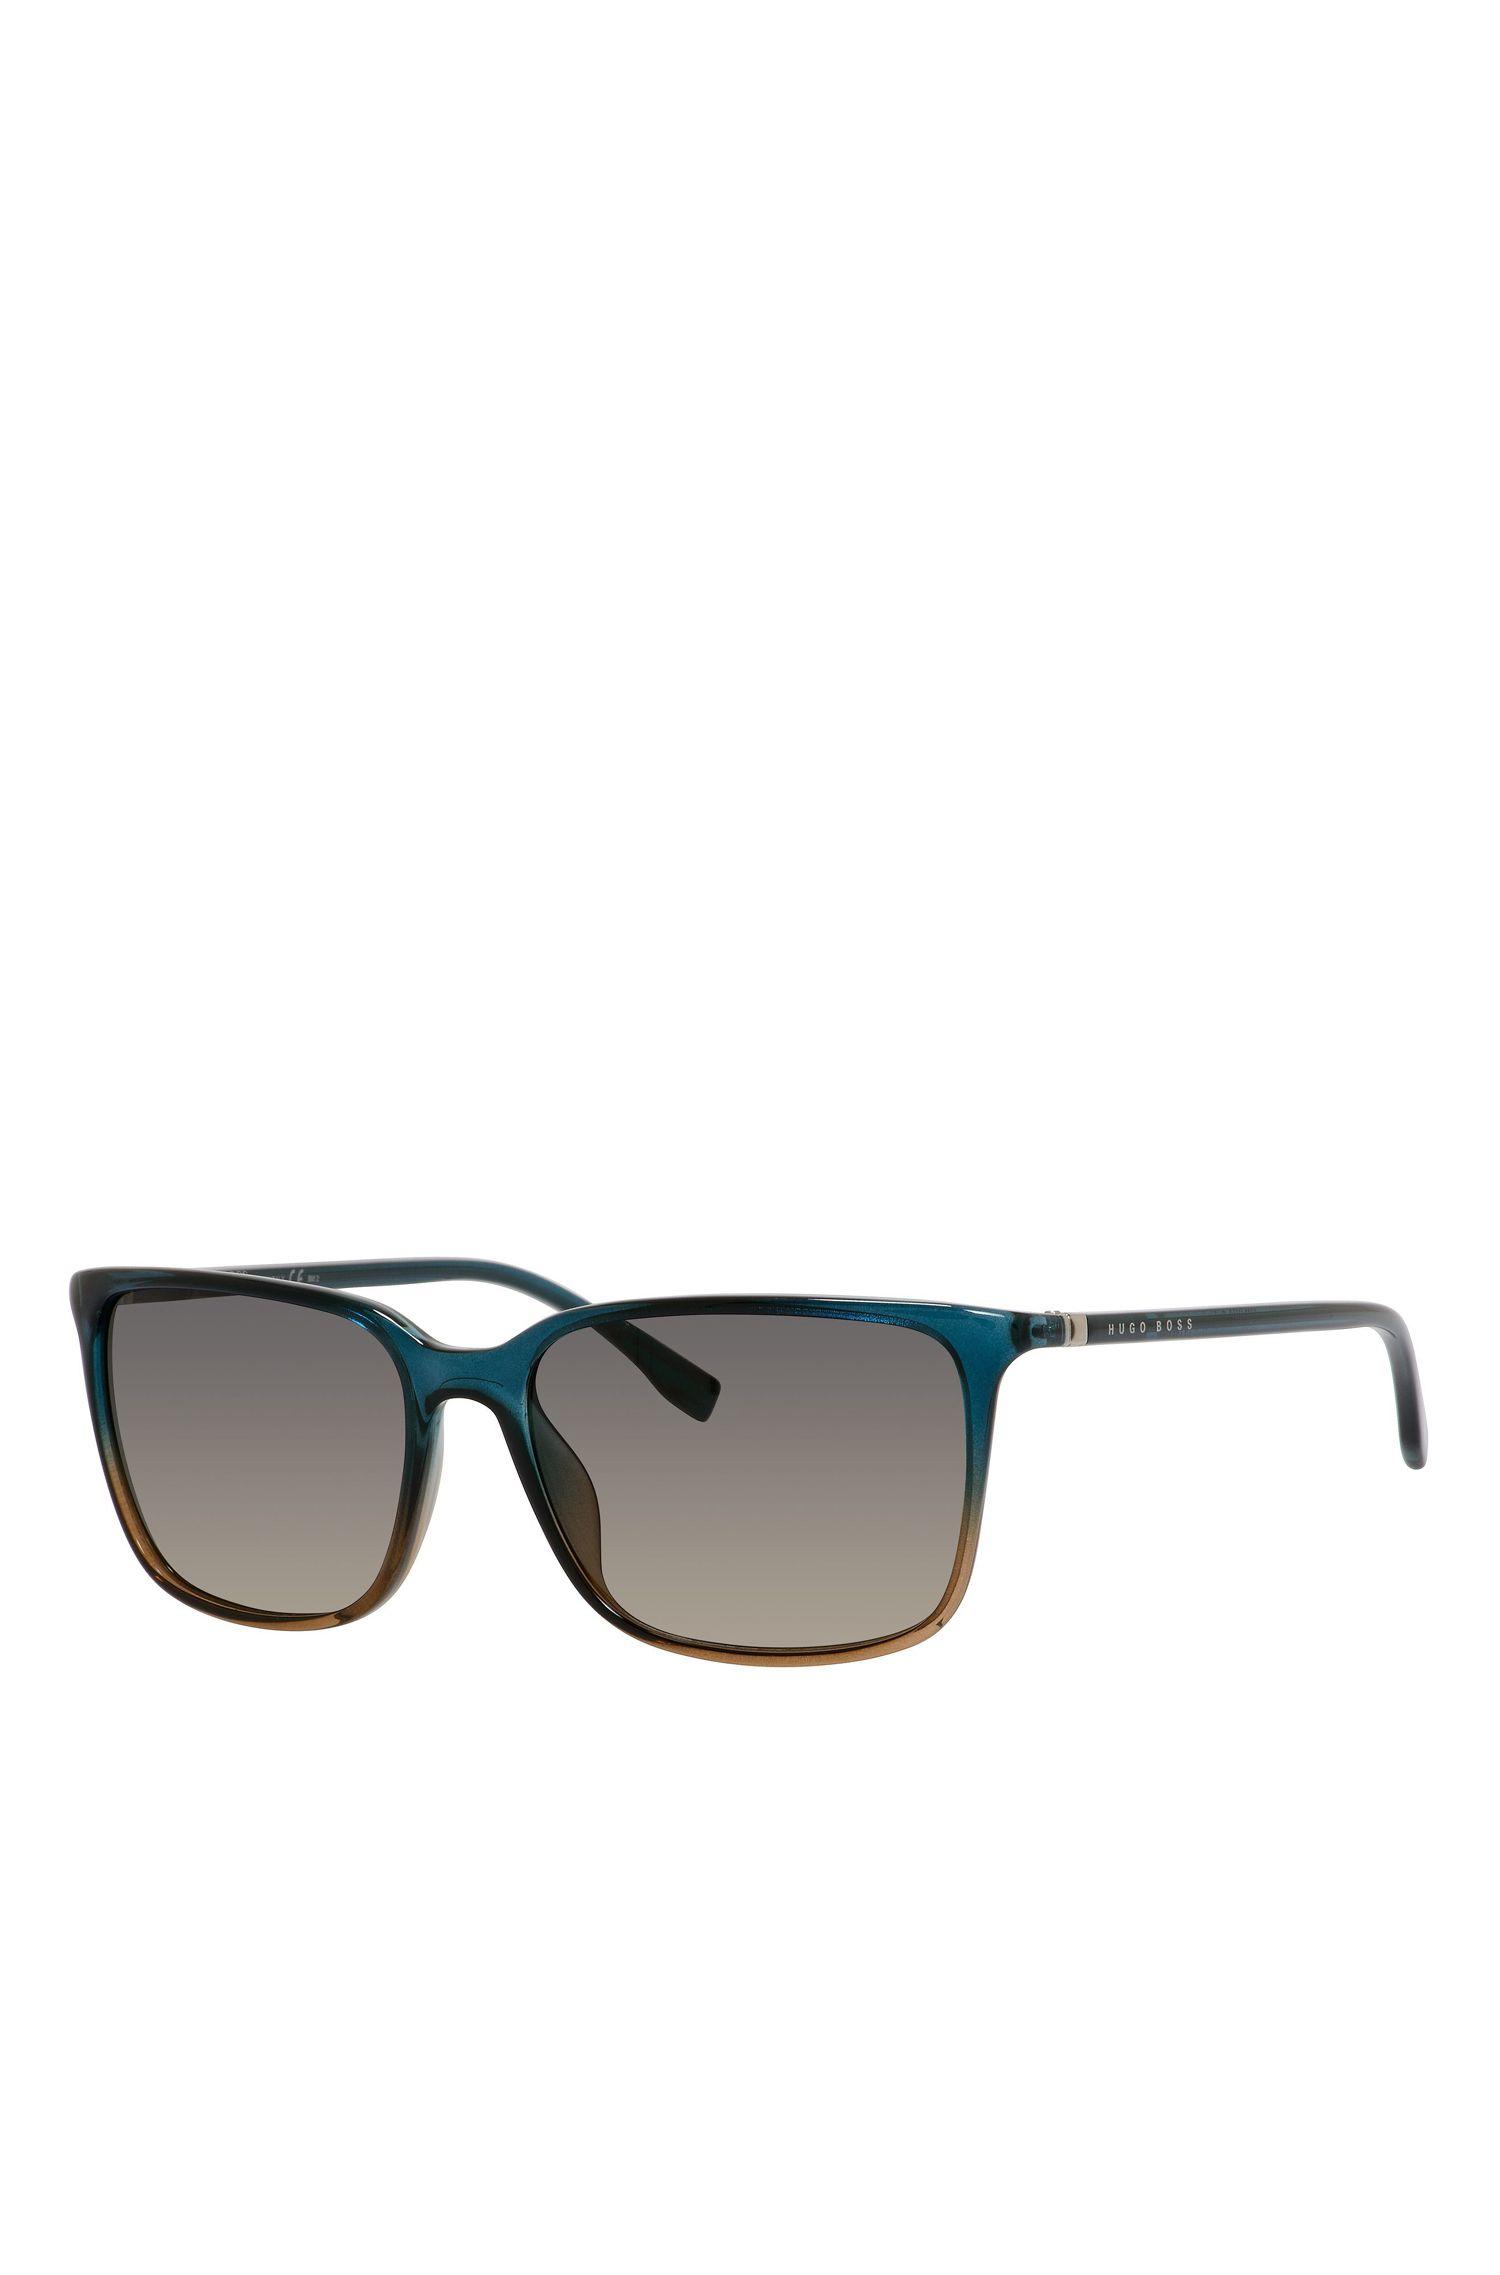 'BOSS 0666S'   Gradient Lens Rectangular Sunglasses